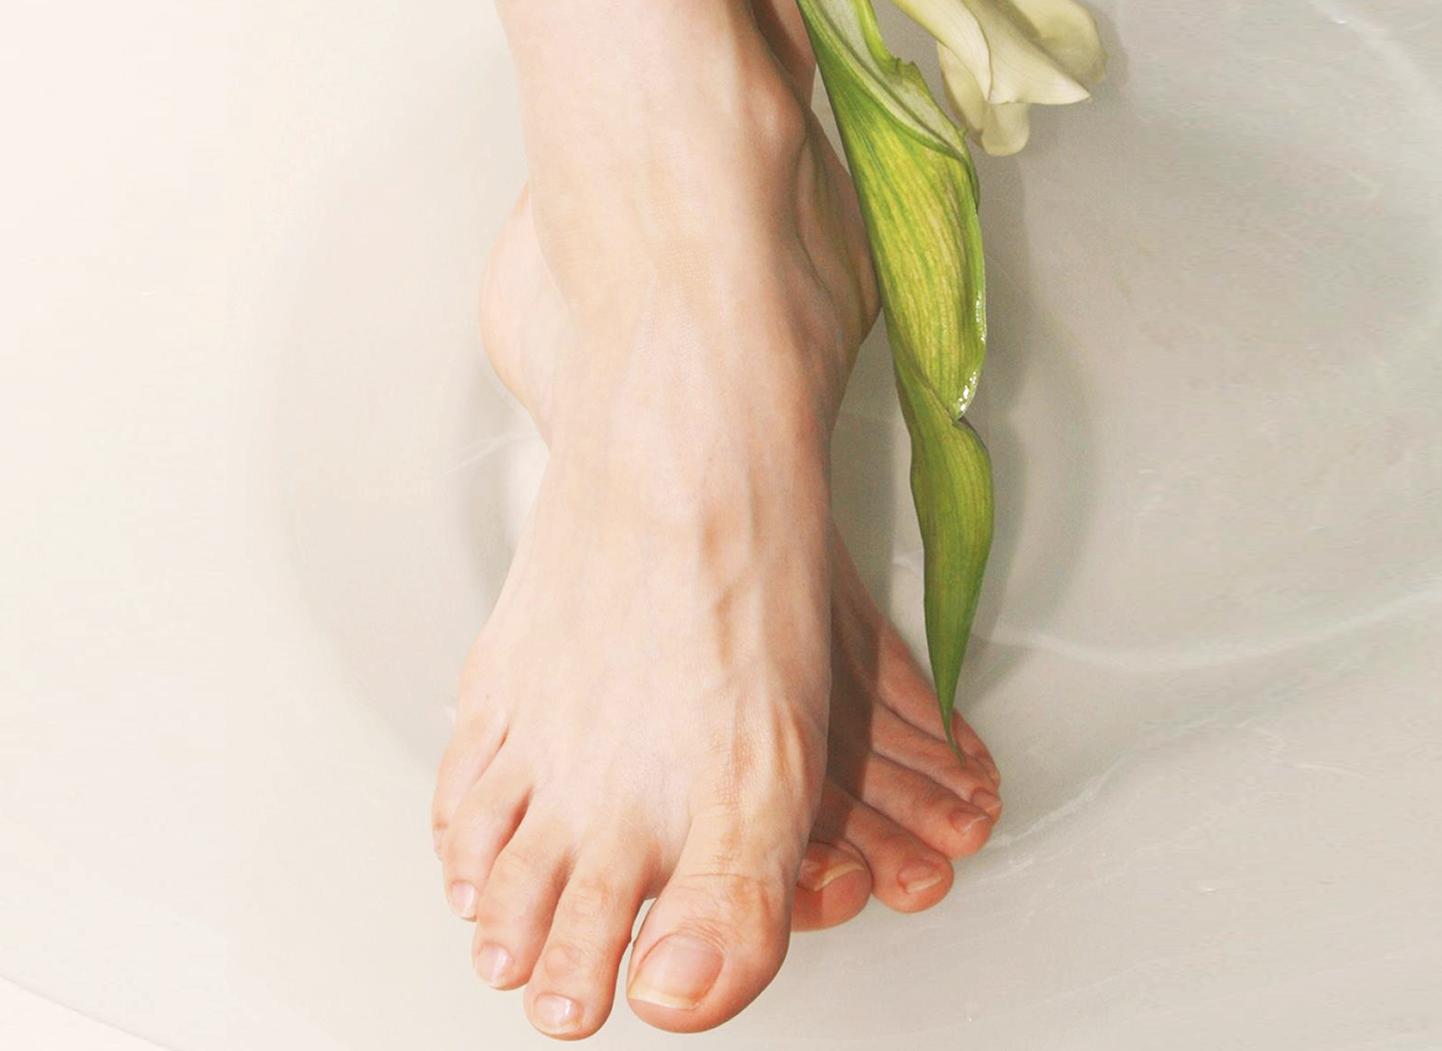 【外反母趾を始めとする10万人以上の足のトラブルをケアで改善】銀座のフットケアサロン・フットケアスクール|フット専門店ロワ